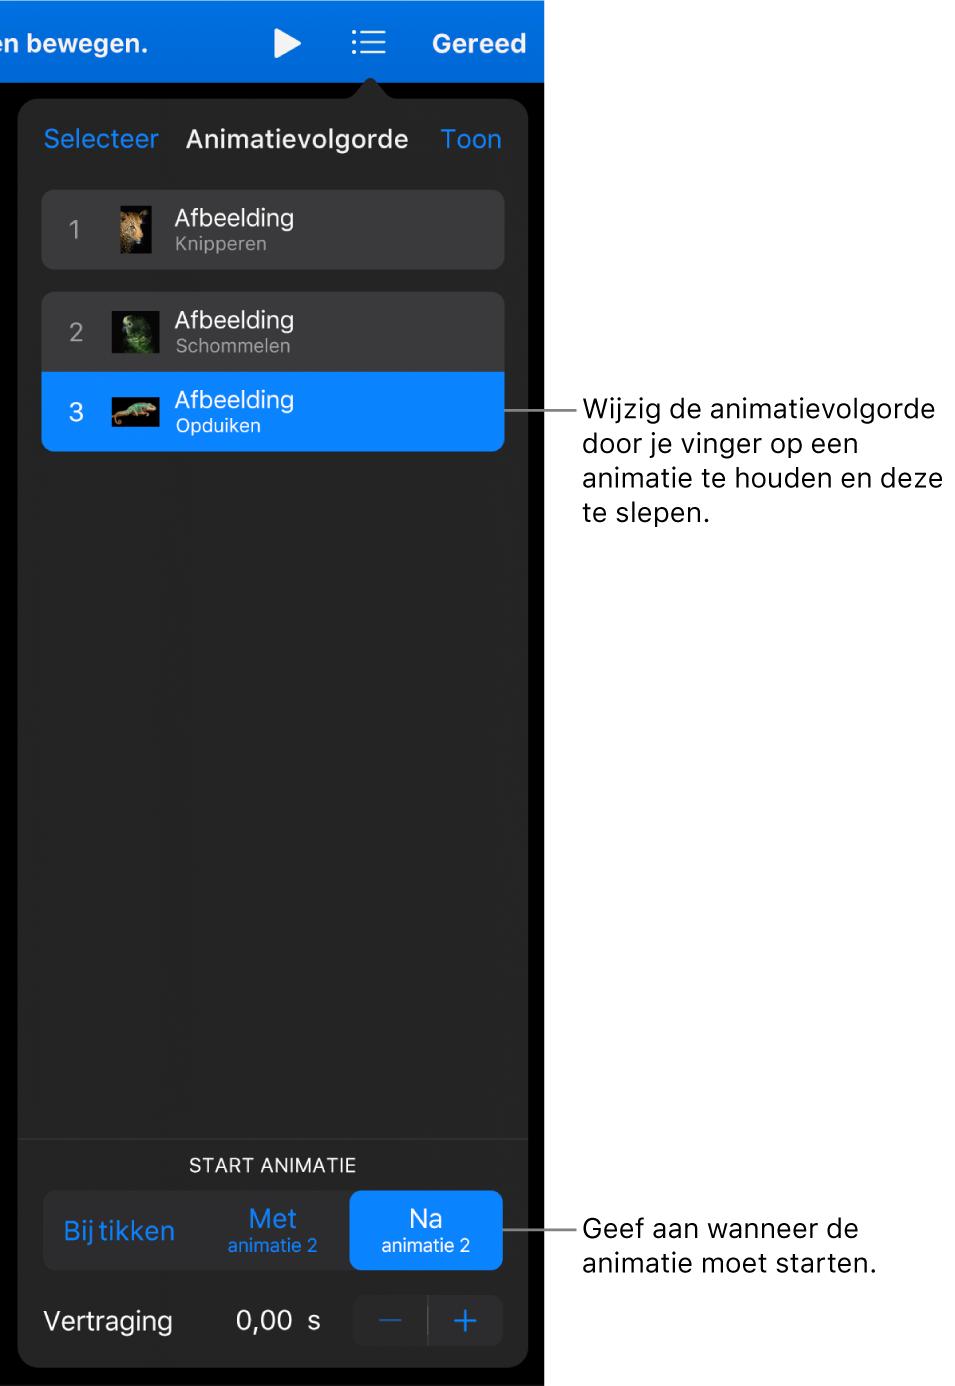 De lijst 'Animatievolgorde' met begineffecten met gele symbolen en eindeffecten met grijze symbolen.